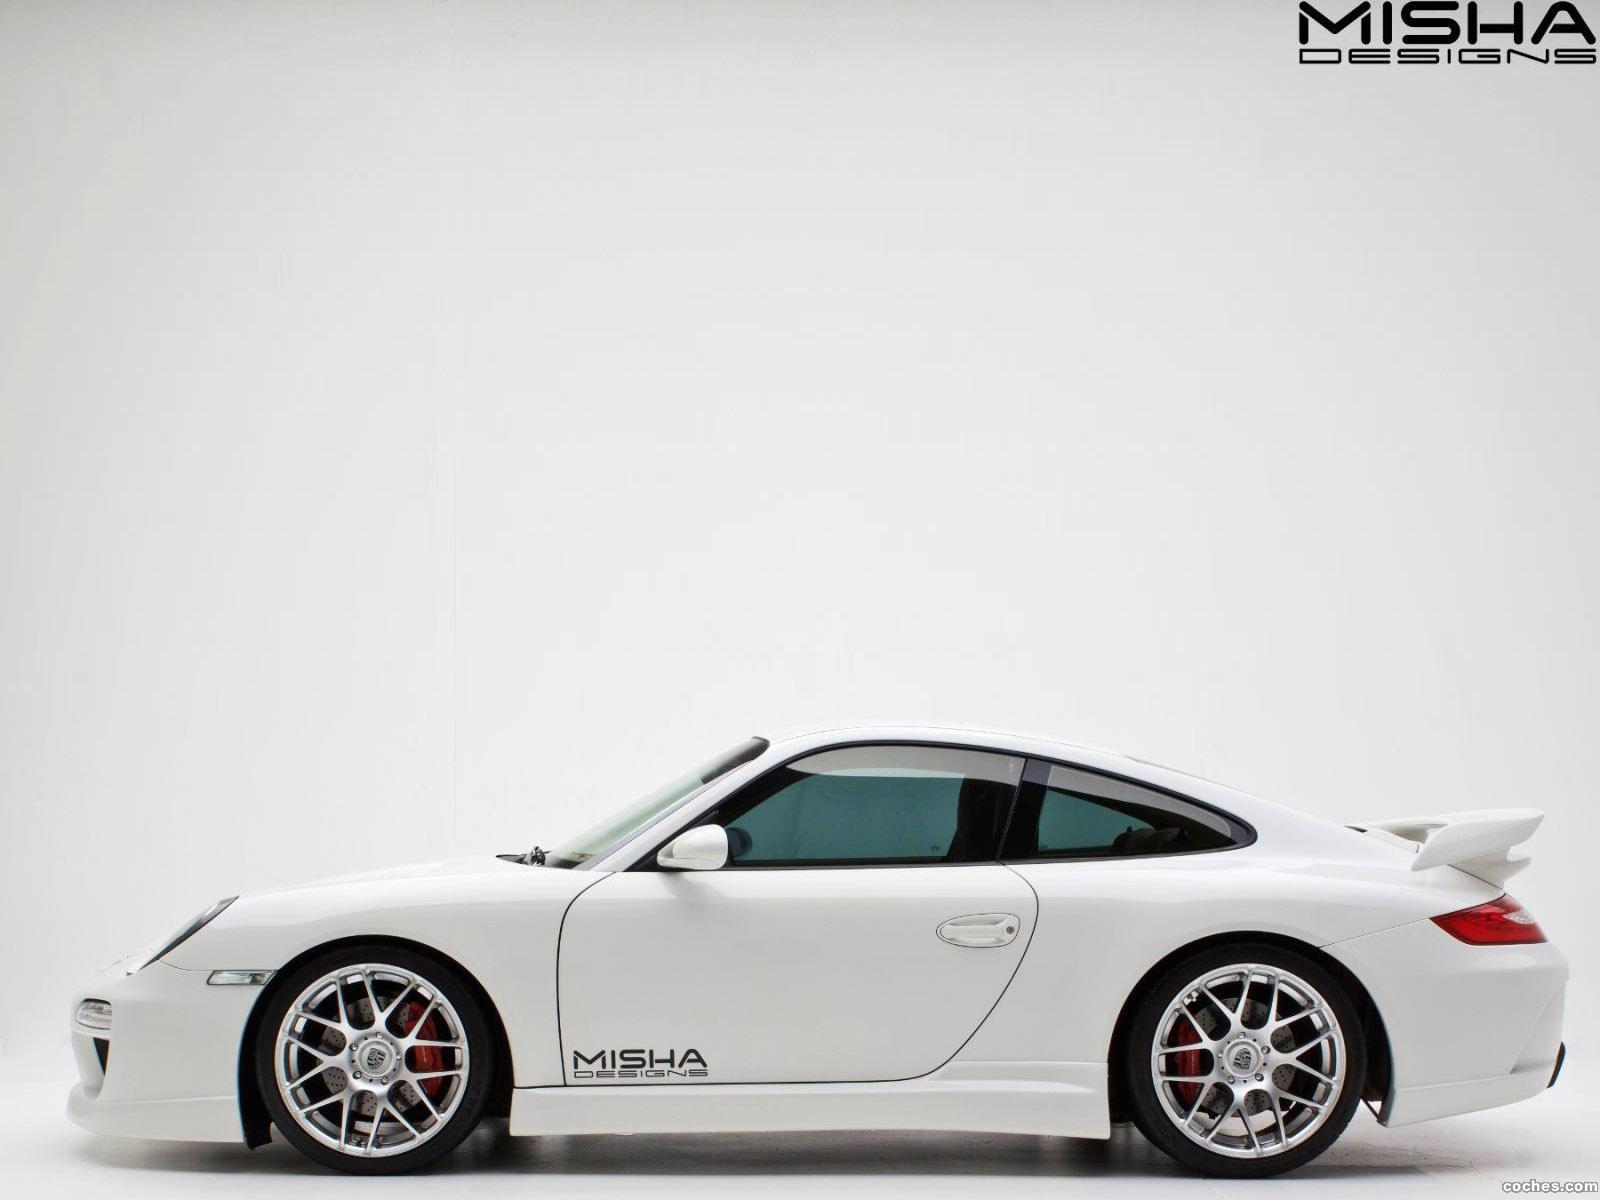 Foto 3 de Misha Porsche 911 Carrera Coupe 2013